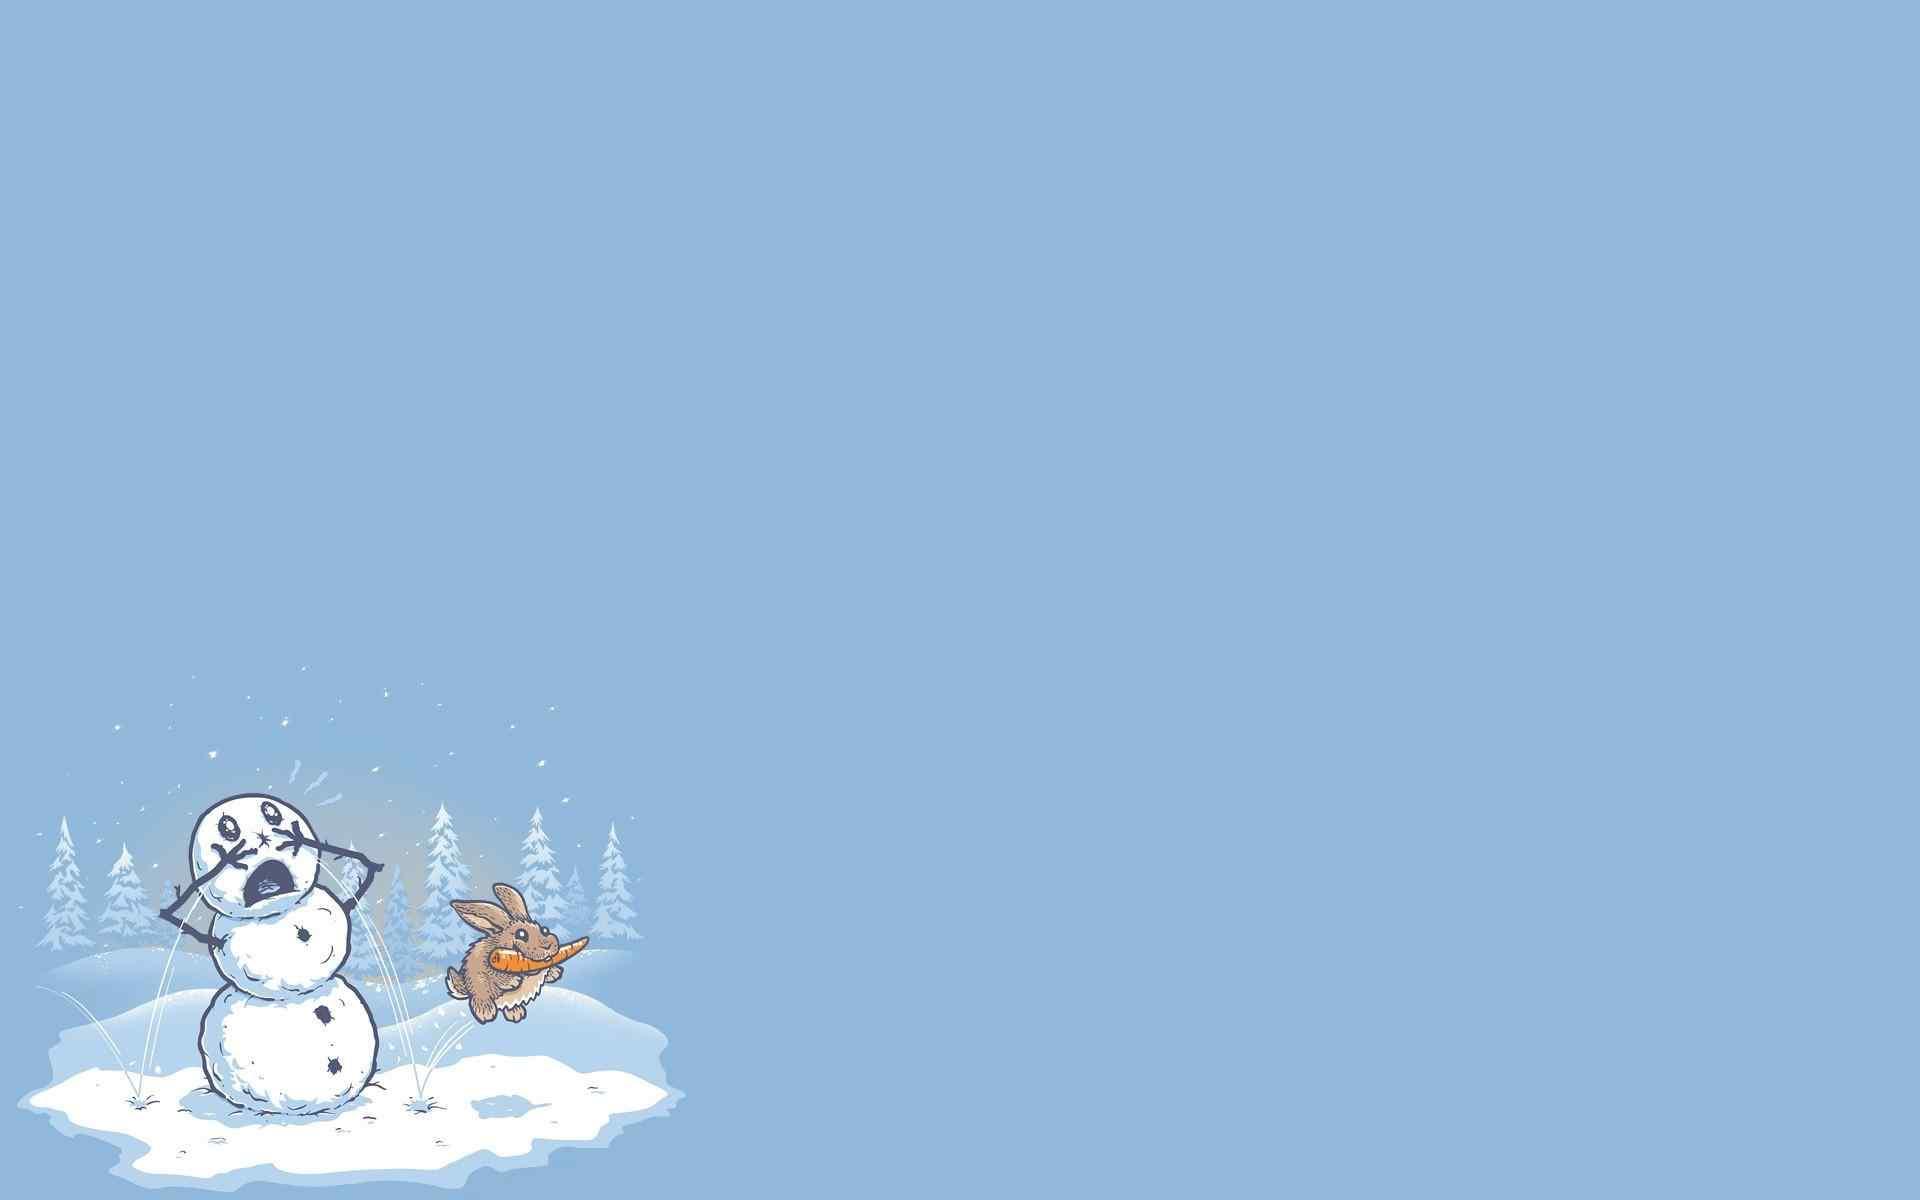 创意卡通手绘雪人桌面壁纸